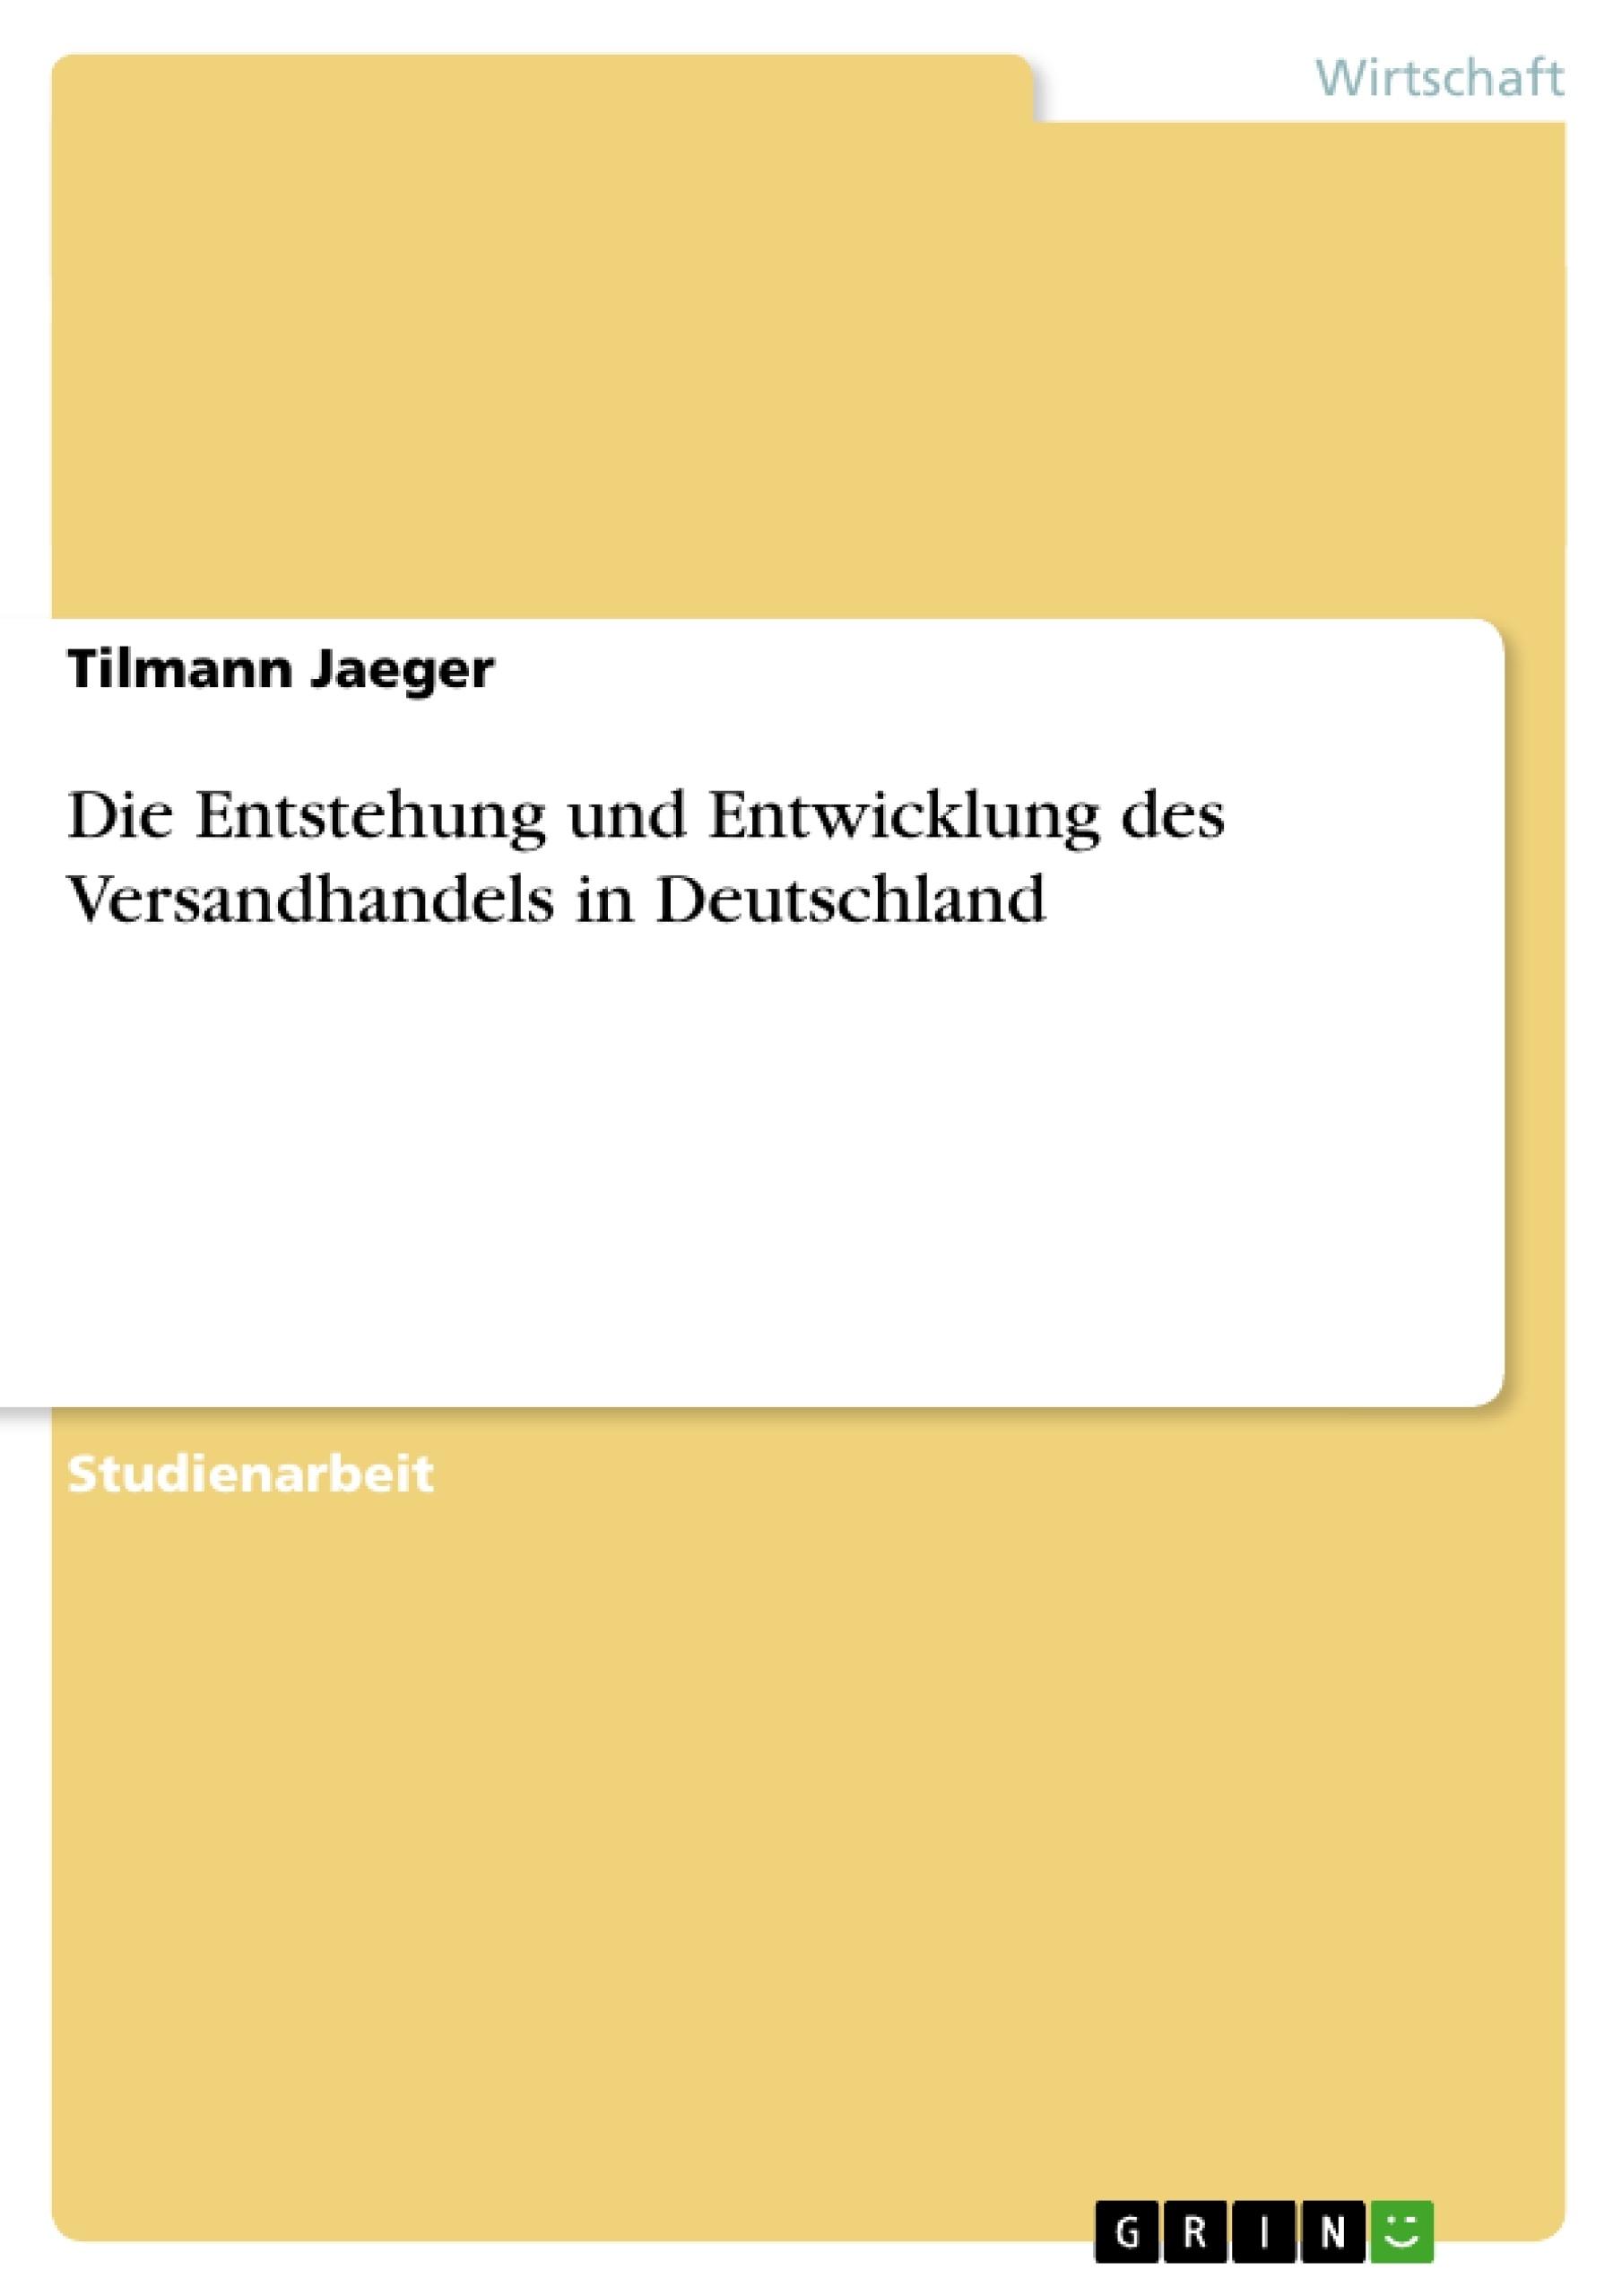 Titel: Die Entstehung und Entwicklung des Versandhandels in Deutschland